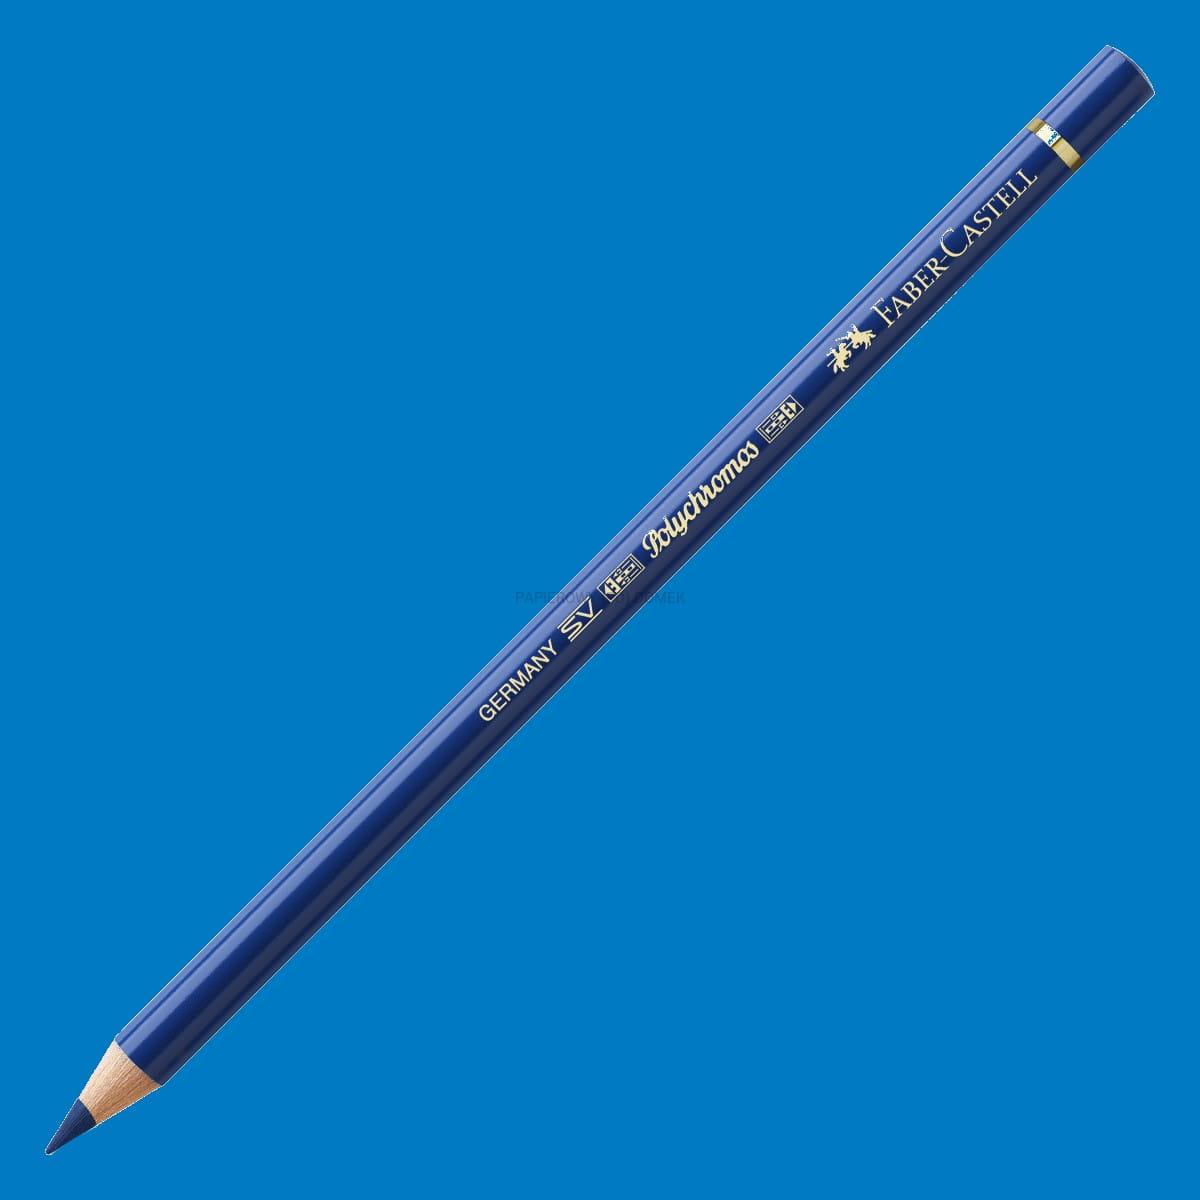 Kredka Polychromos 151 błękit ftalocyjaninowy, Faber-Castell